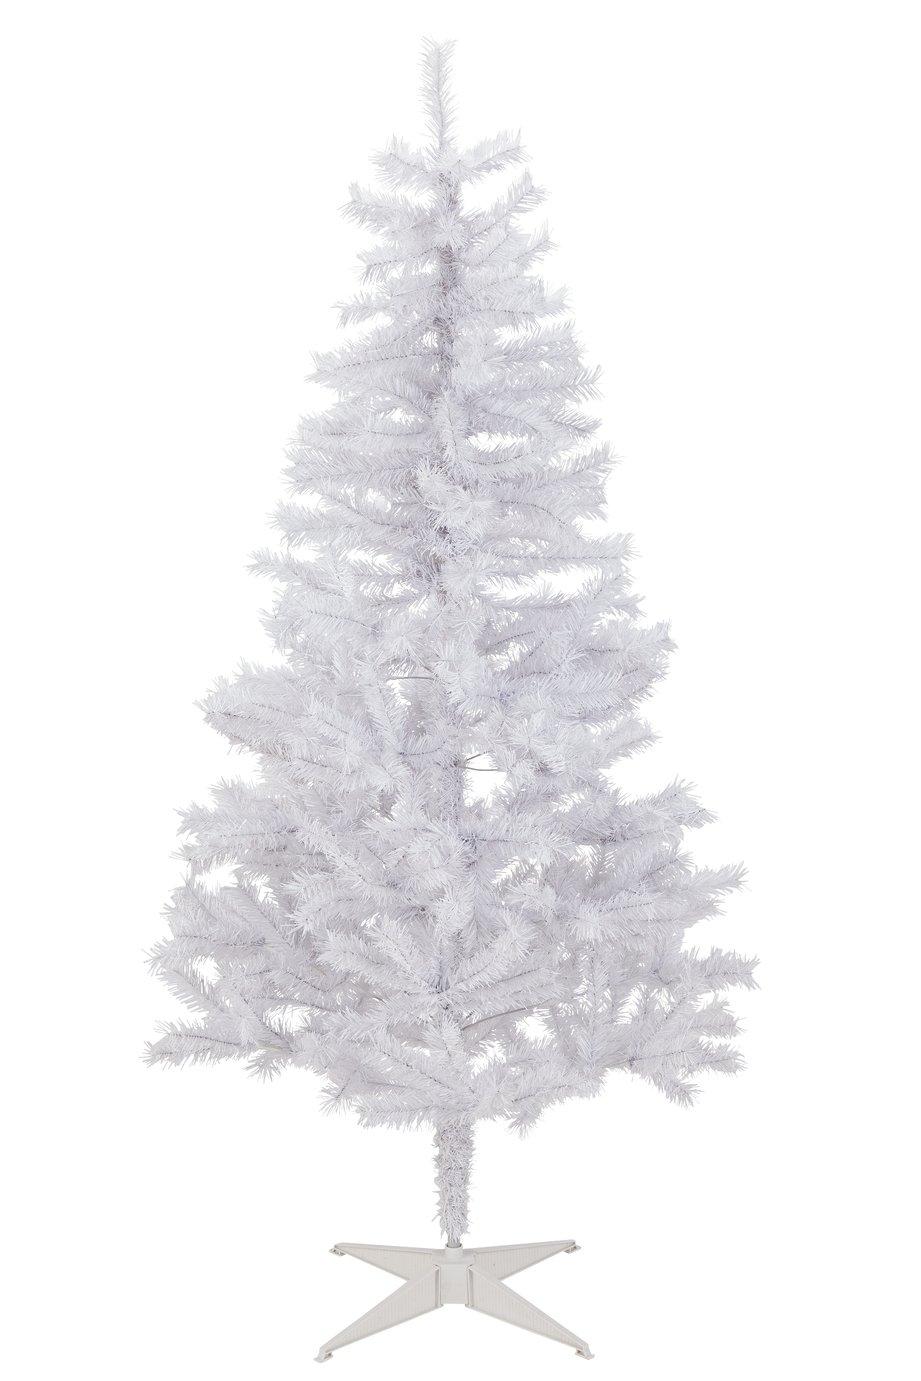 Argos Home 6ft Lapland Christmas Tree - White